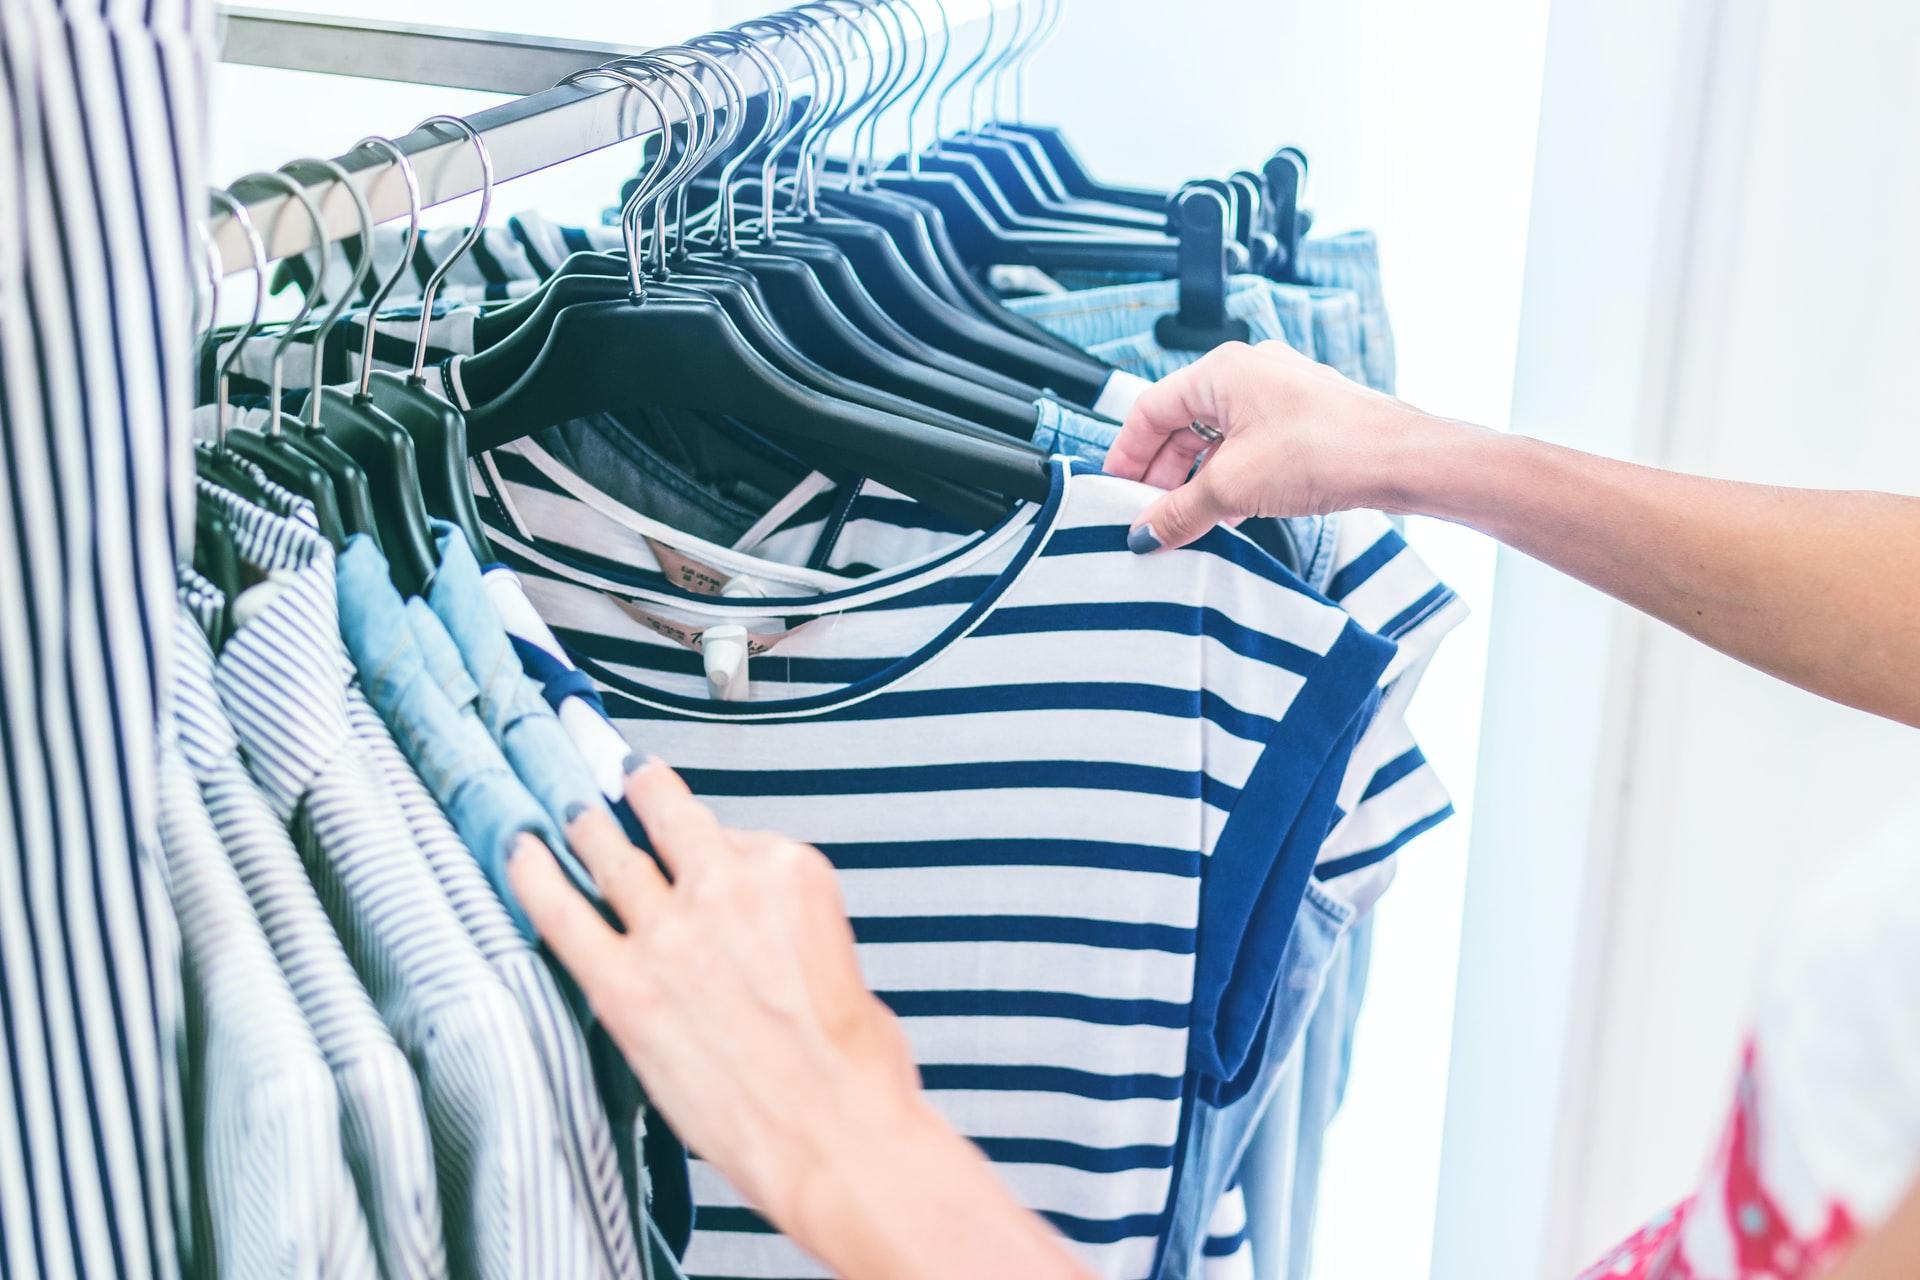 Przeglądanie ubrań w szafie